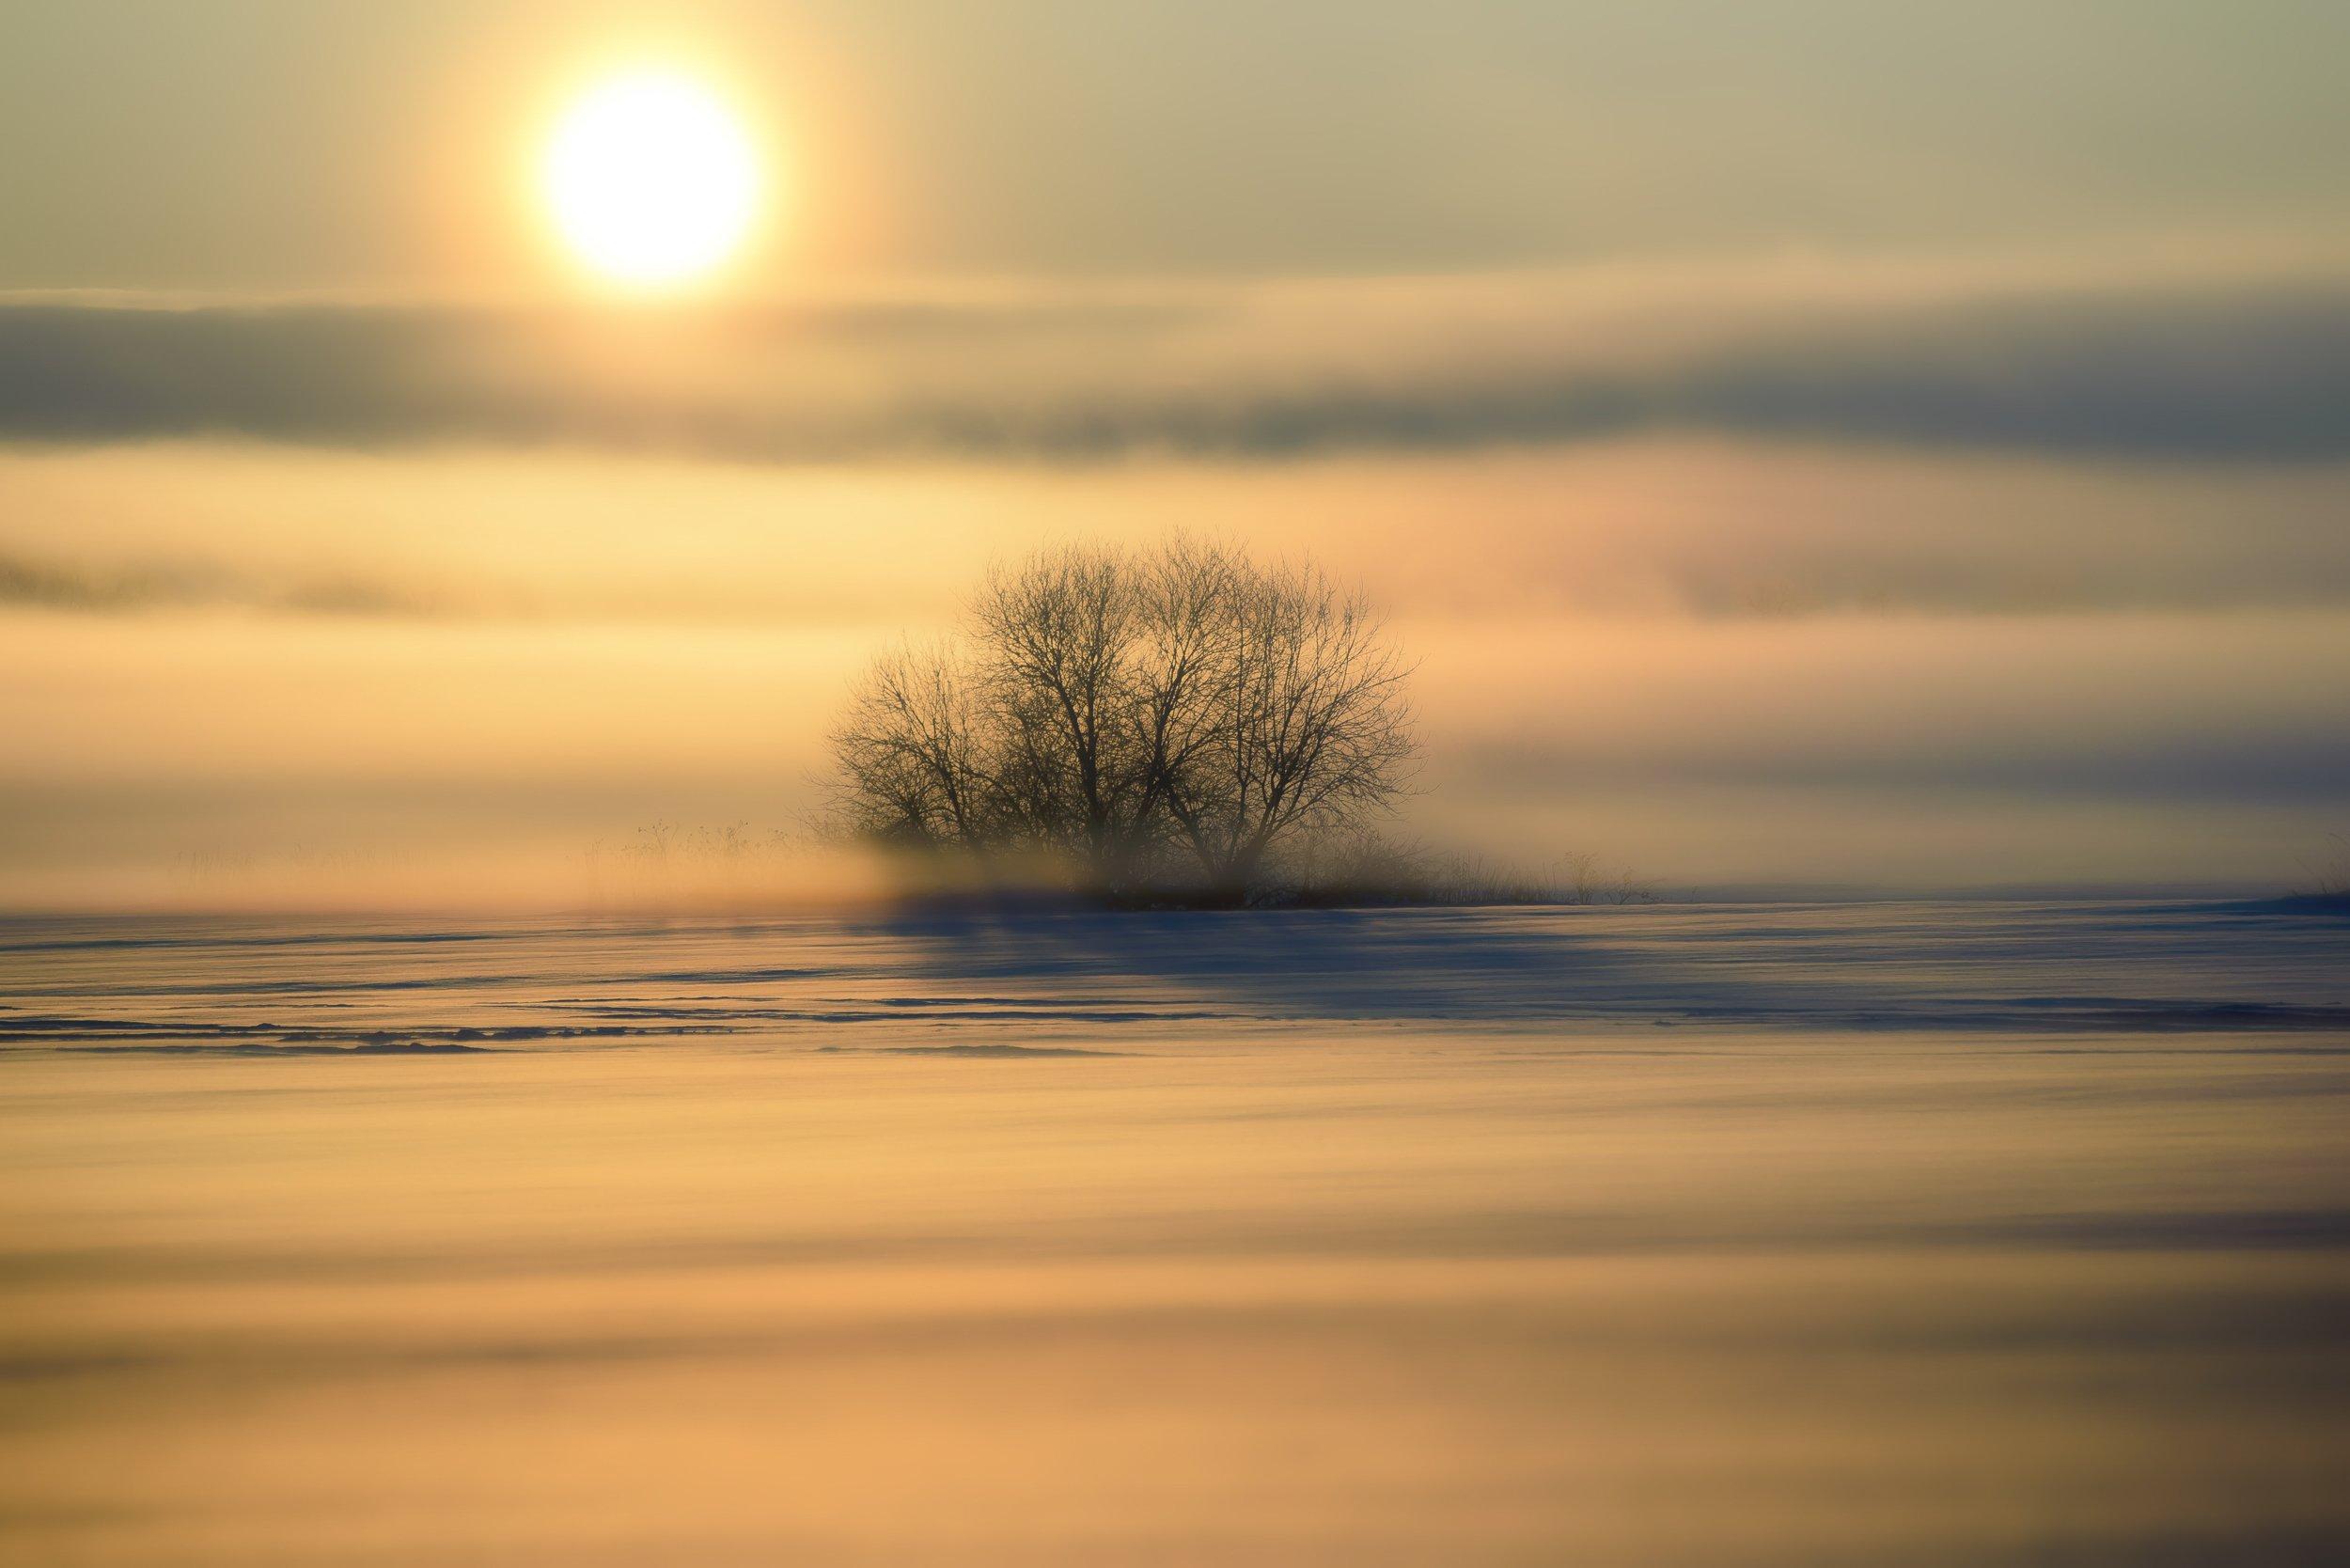 утро, восход, мороз, туман, Владимир Штыриков